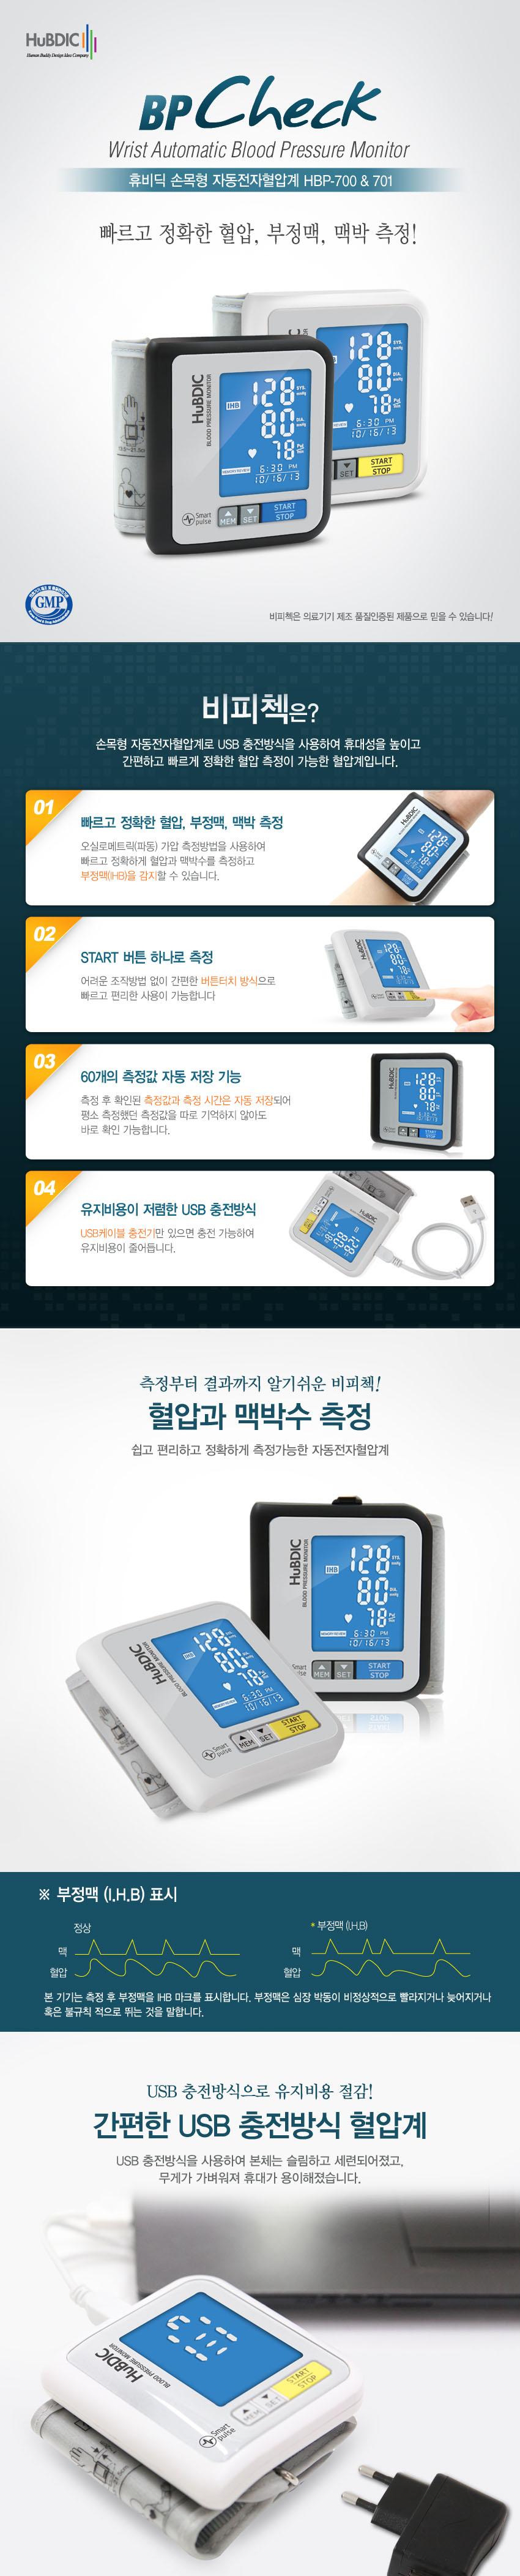 휴비딕 비피첵 손목 혈압계 HBP-700, HBP-701